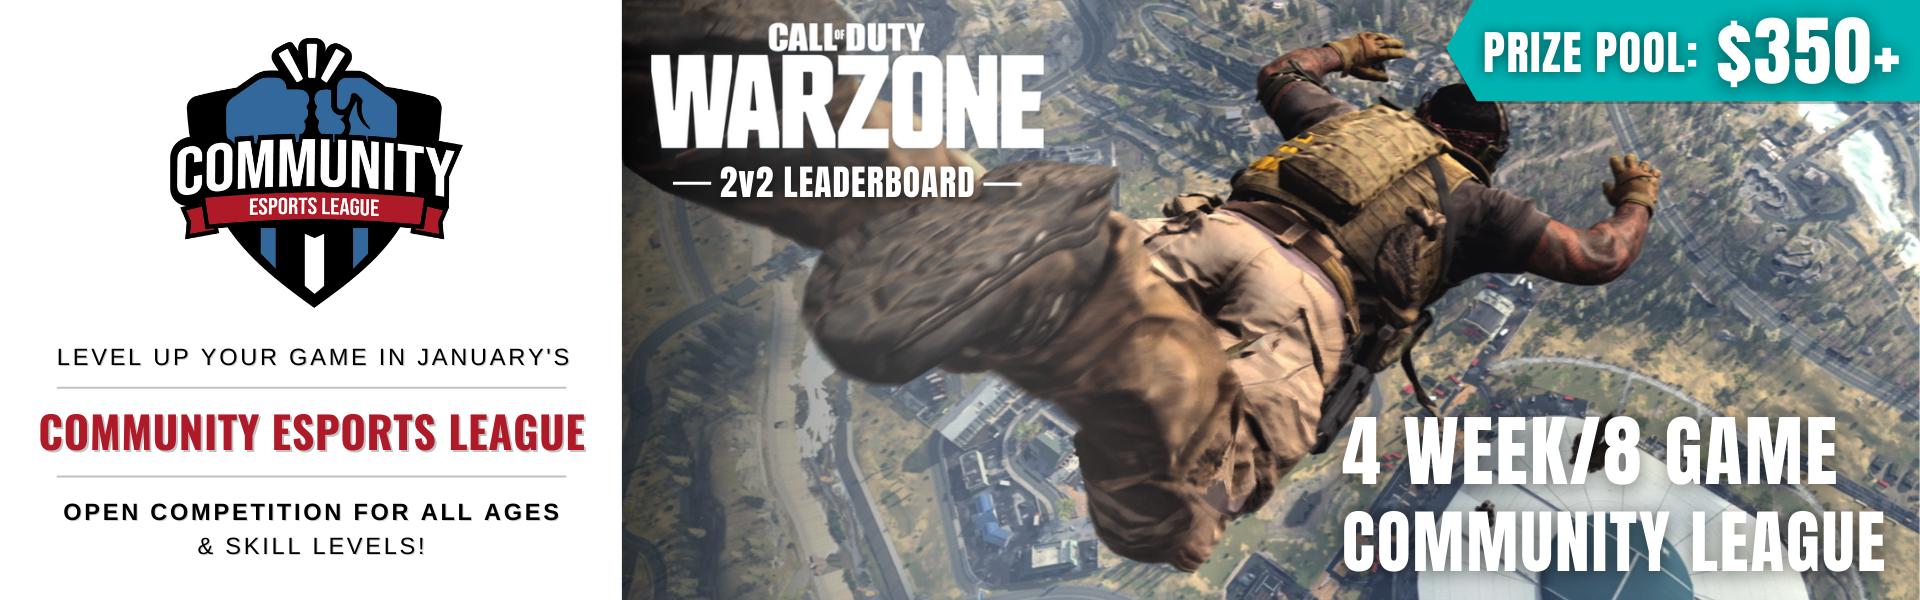 Call of Duty Warzone: January 21